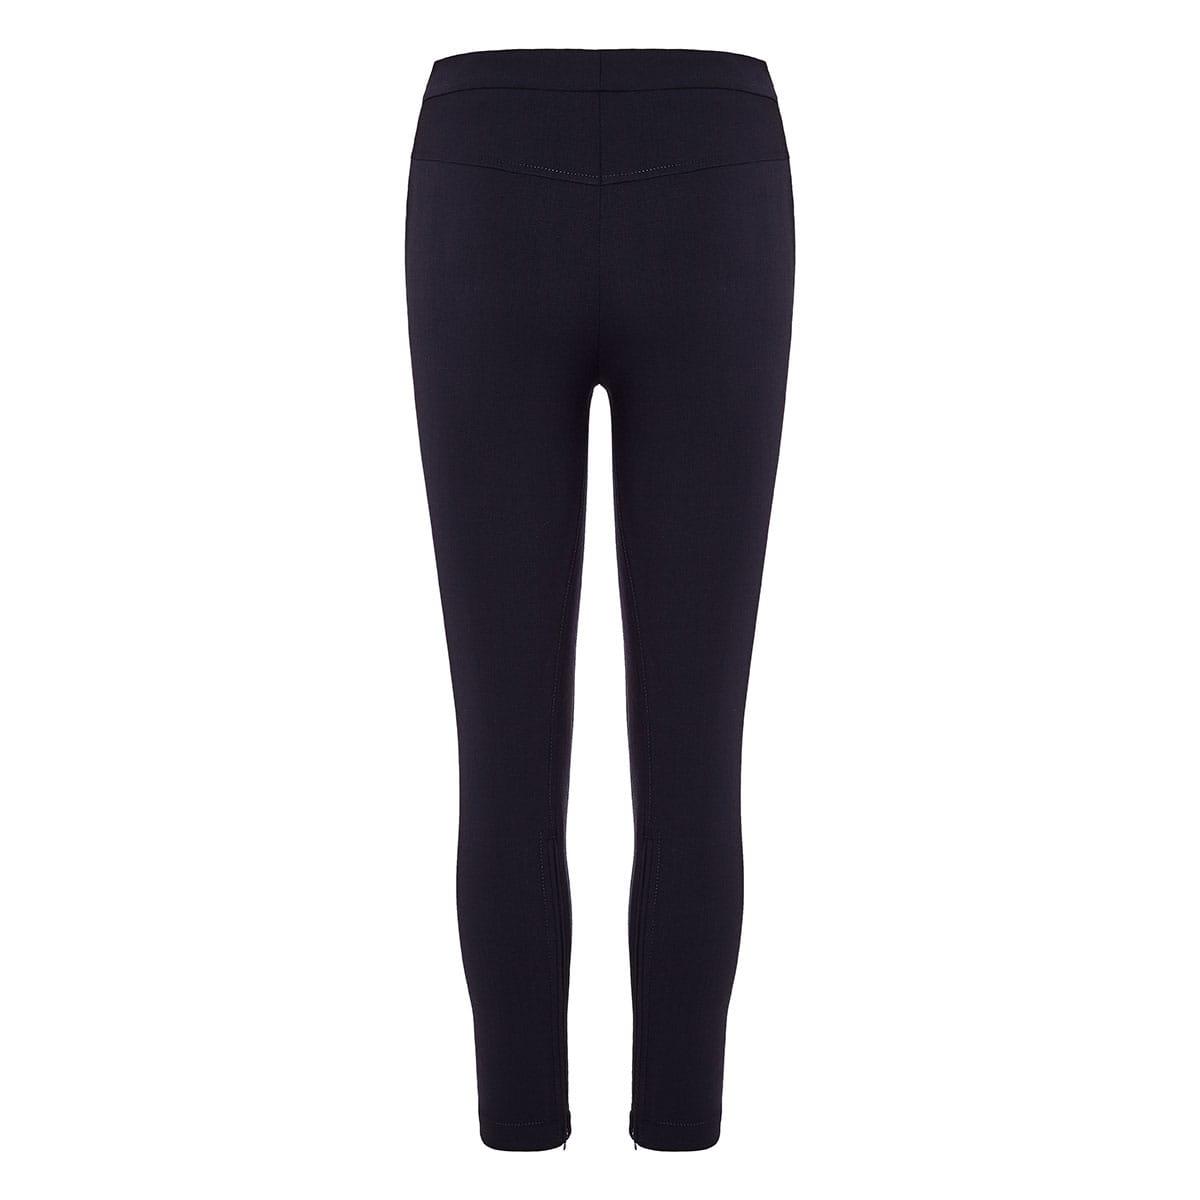 Wool skinny trousers